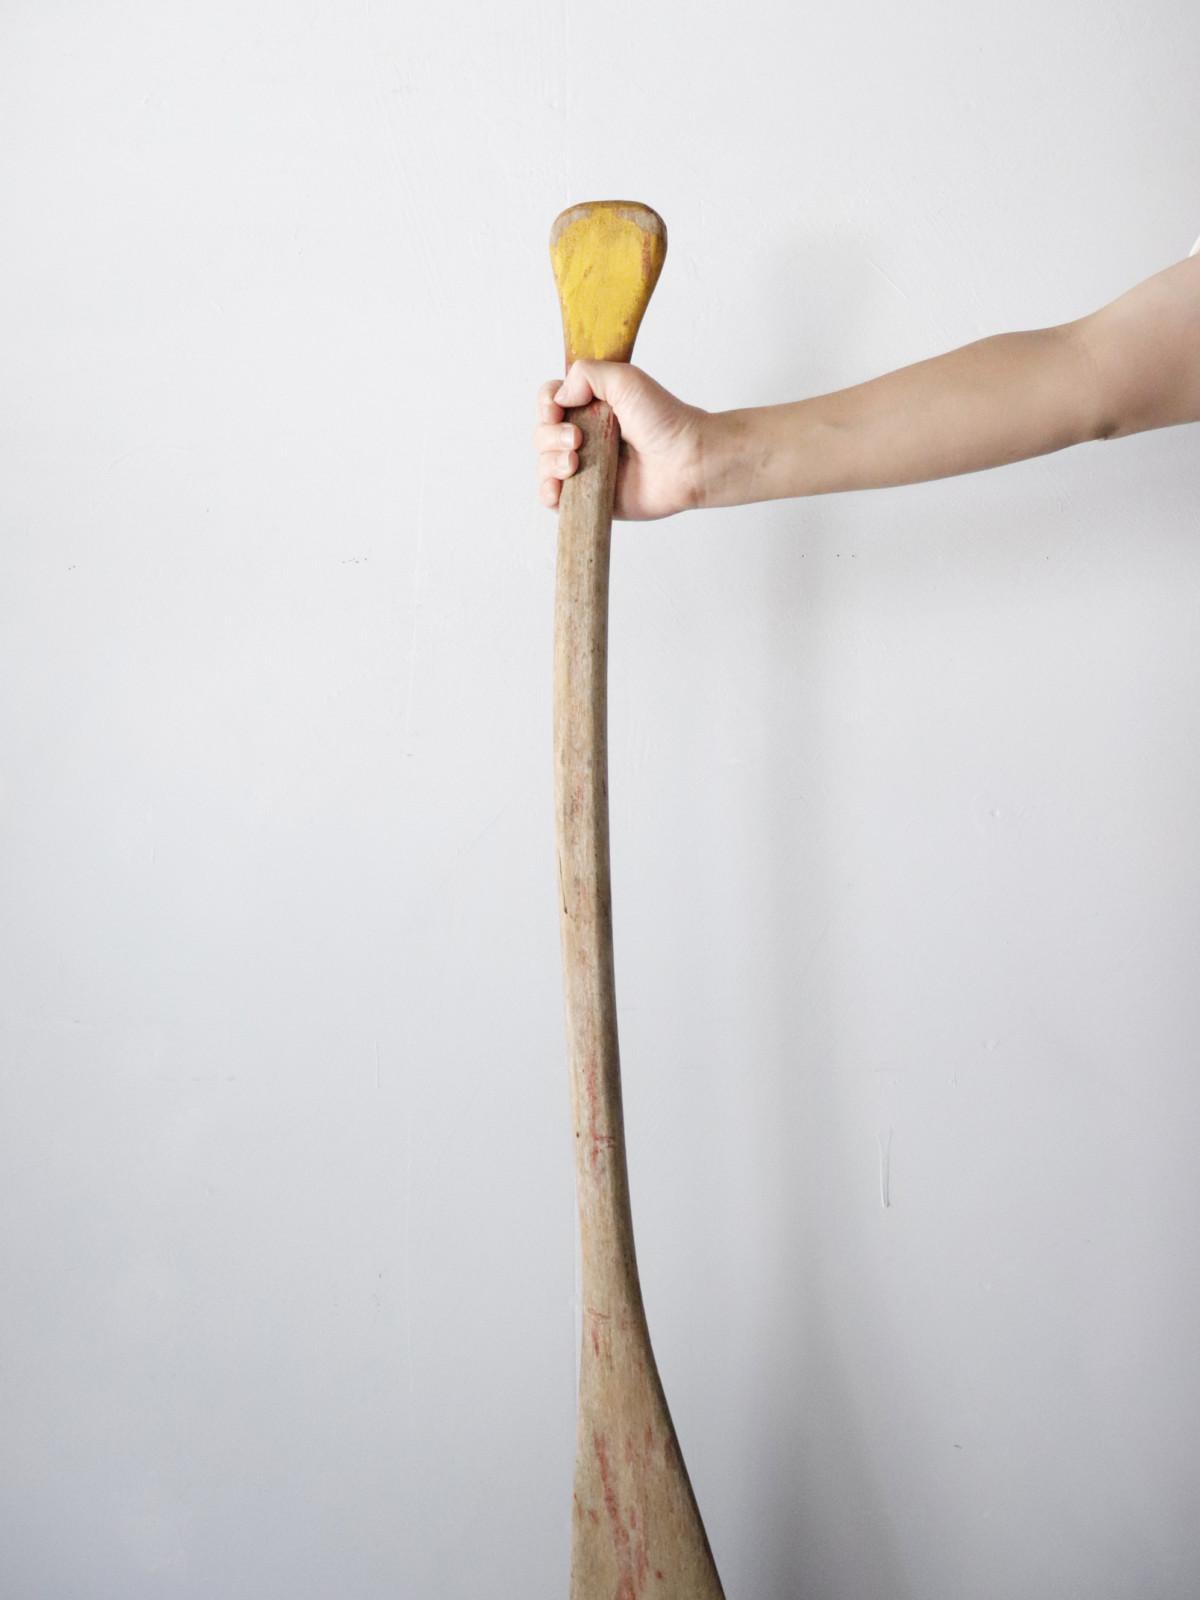 Wood paddle, vintage,USA